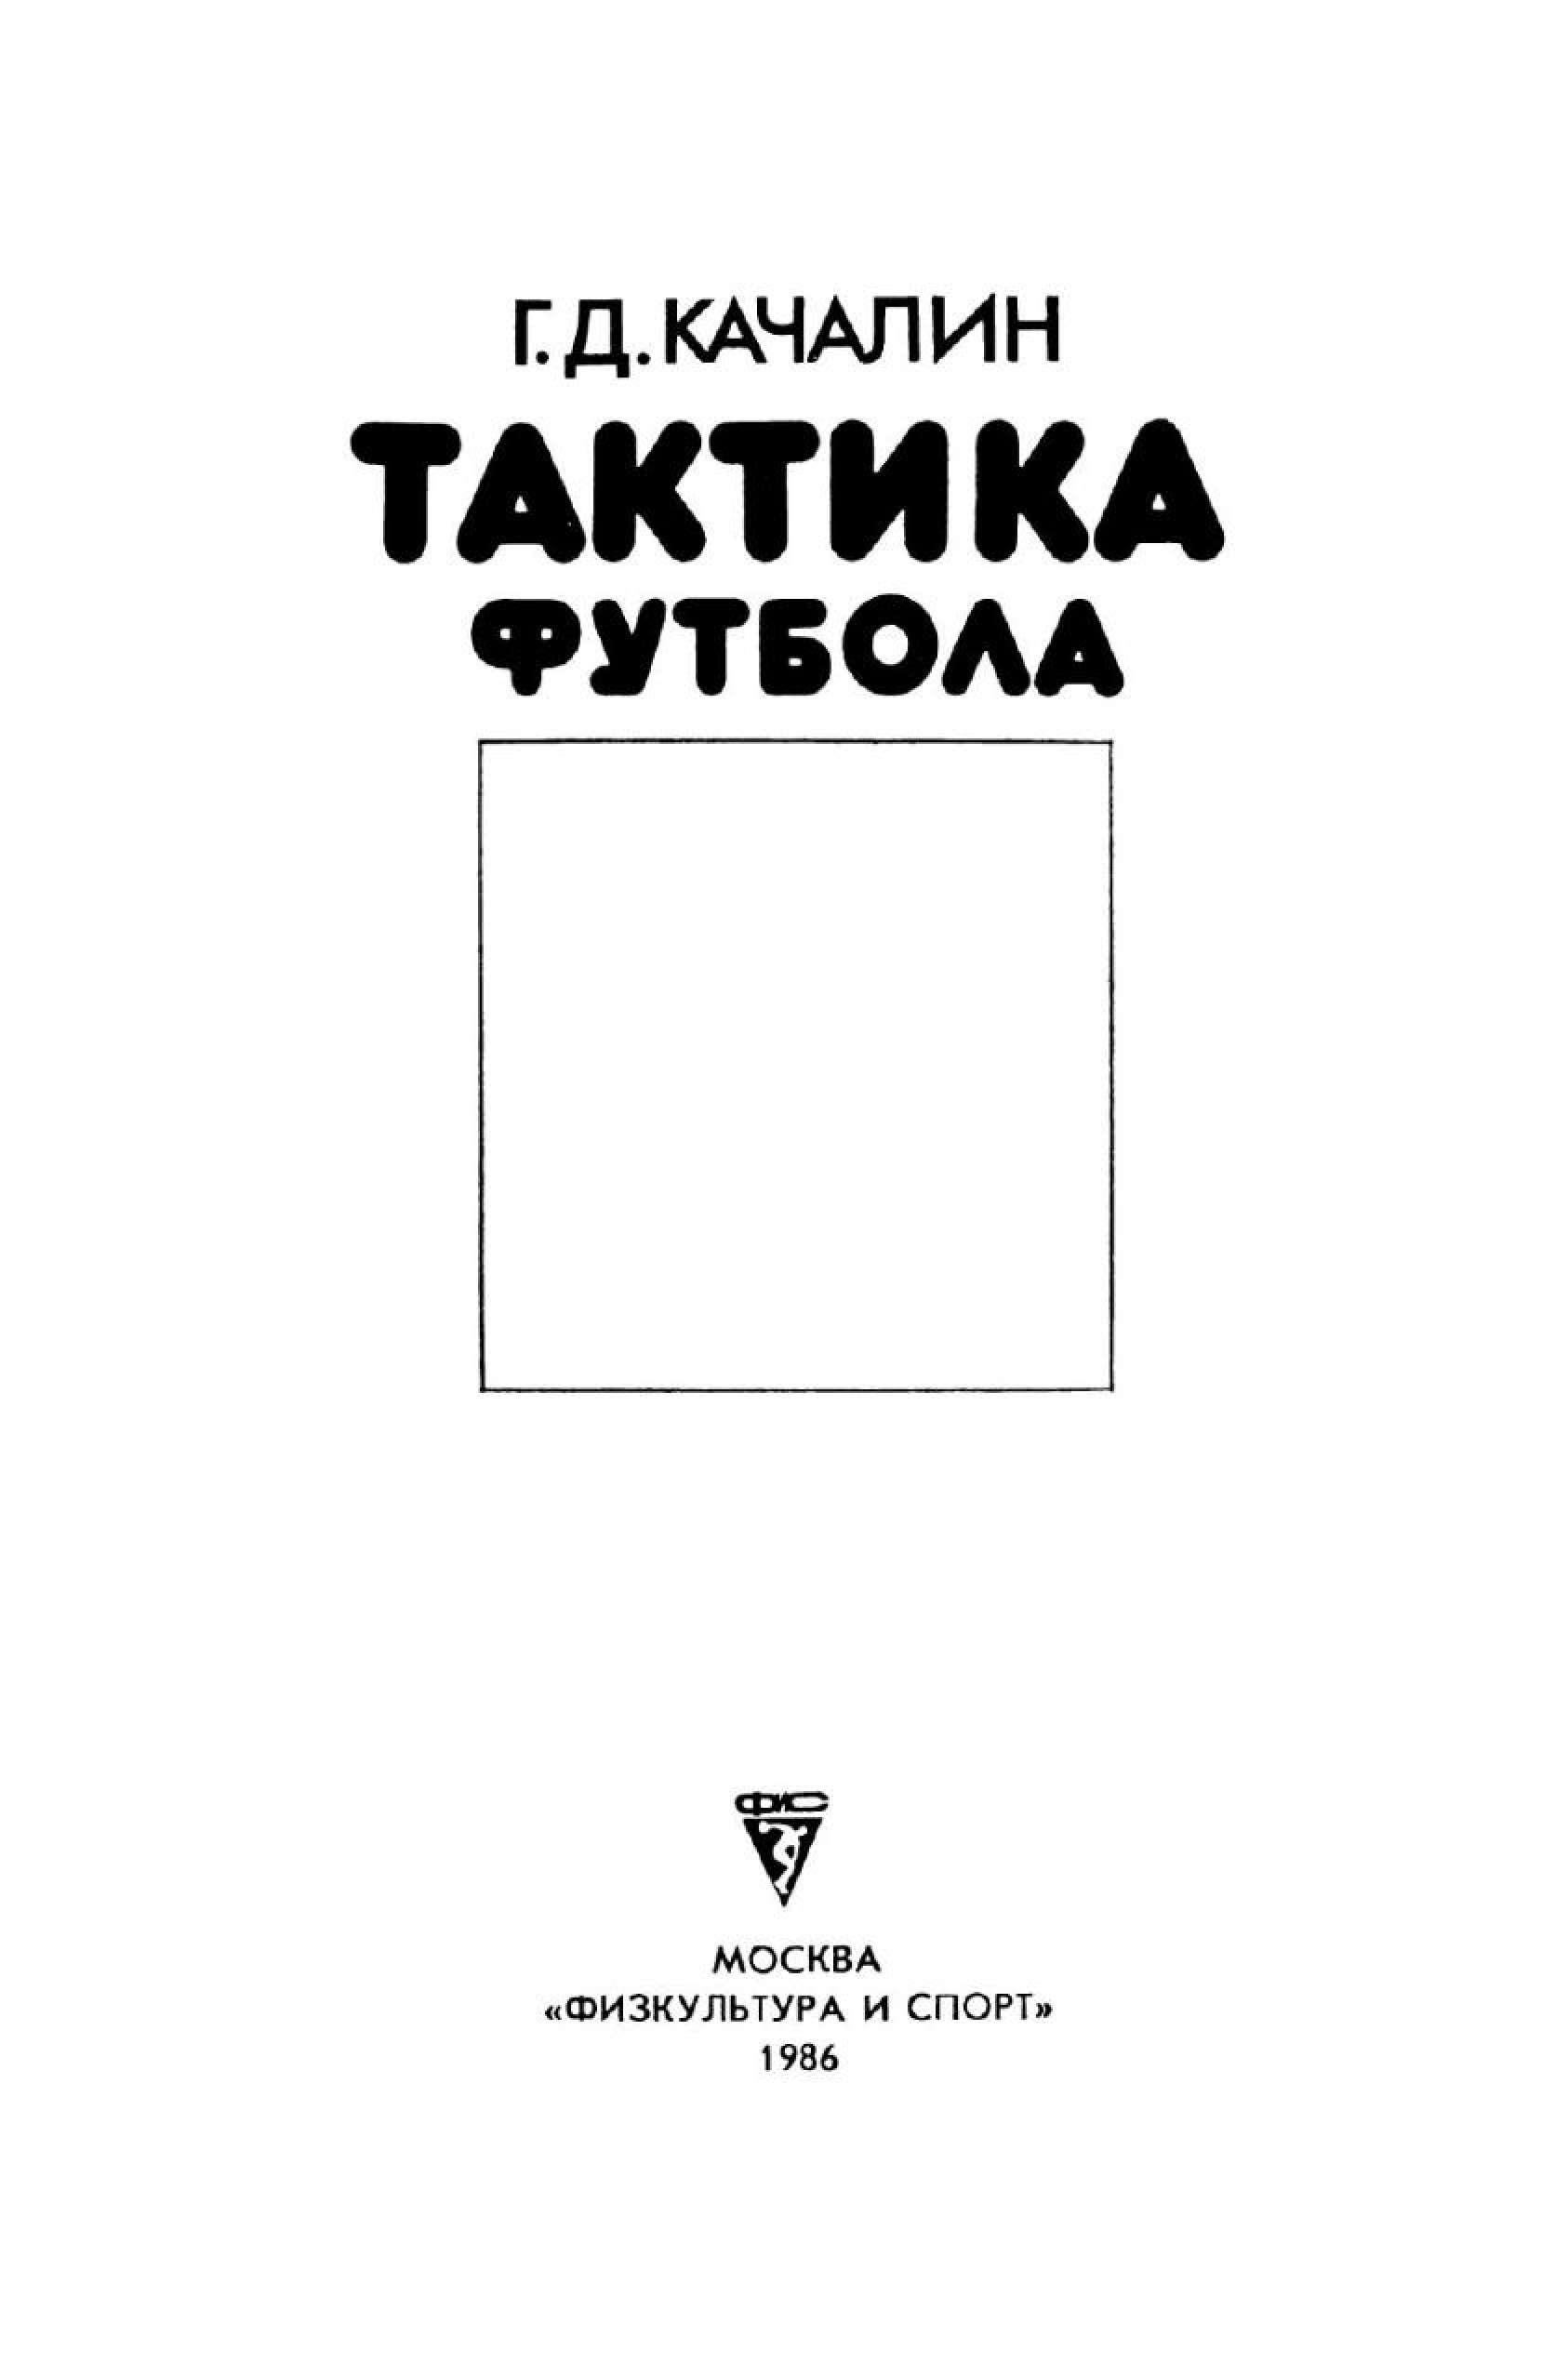 КАЧАЛИН ГАВРИИЛ ДМИТРИЕВИЧ ТАКТИКА ФУТБОЛА СКАЧАТЬ БЕСПЛАТНО